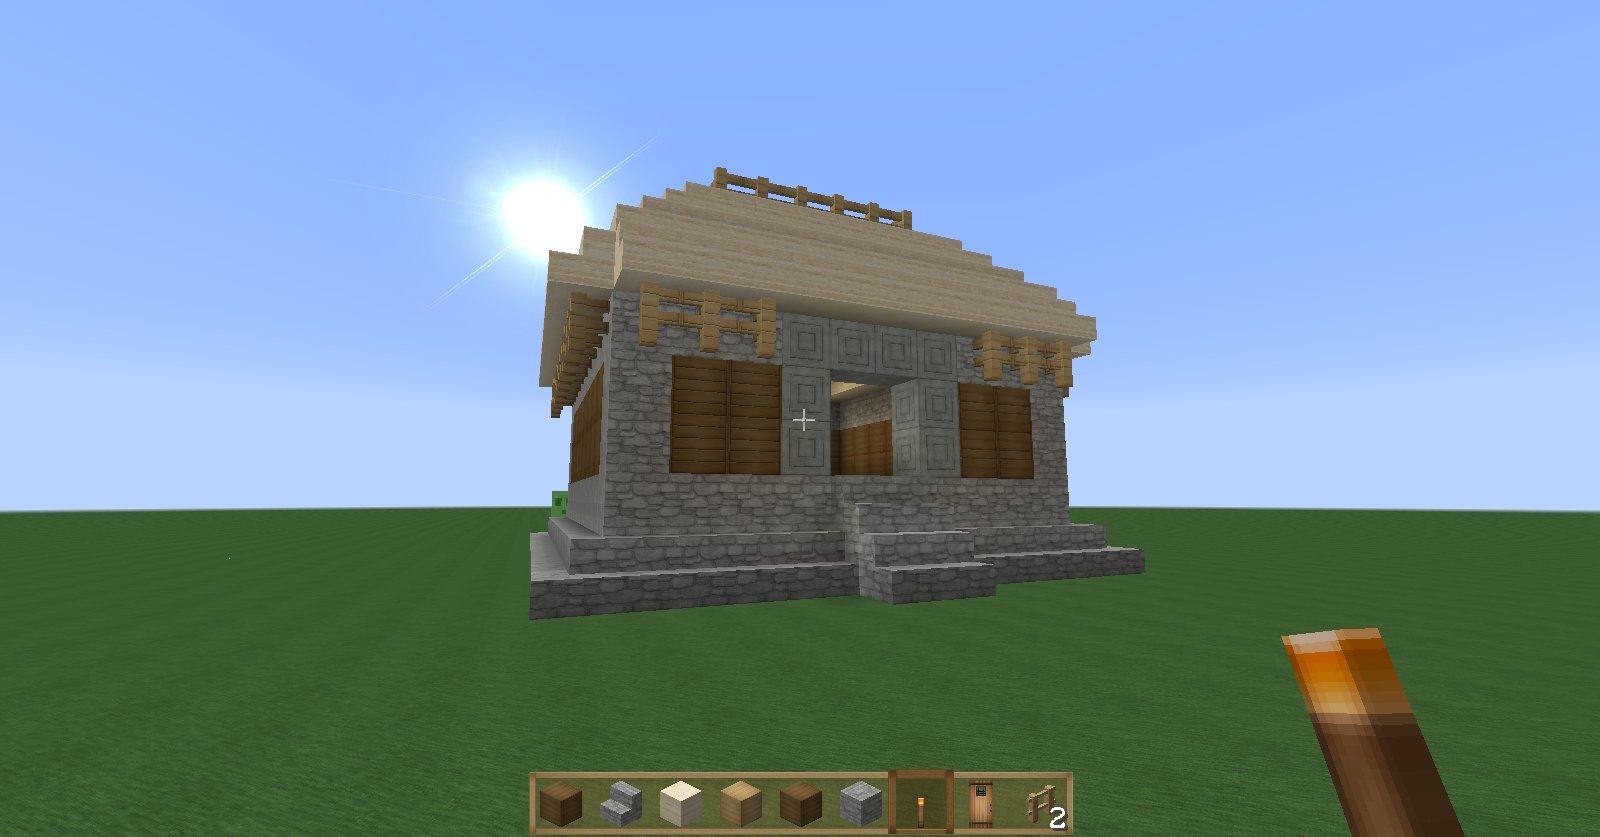 Projet village asiatique. 6f626523-0369-4011-b4bc-6d55c66b9de8